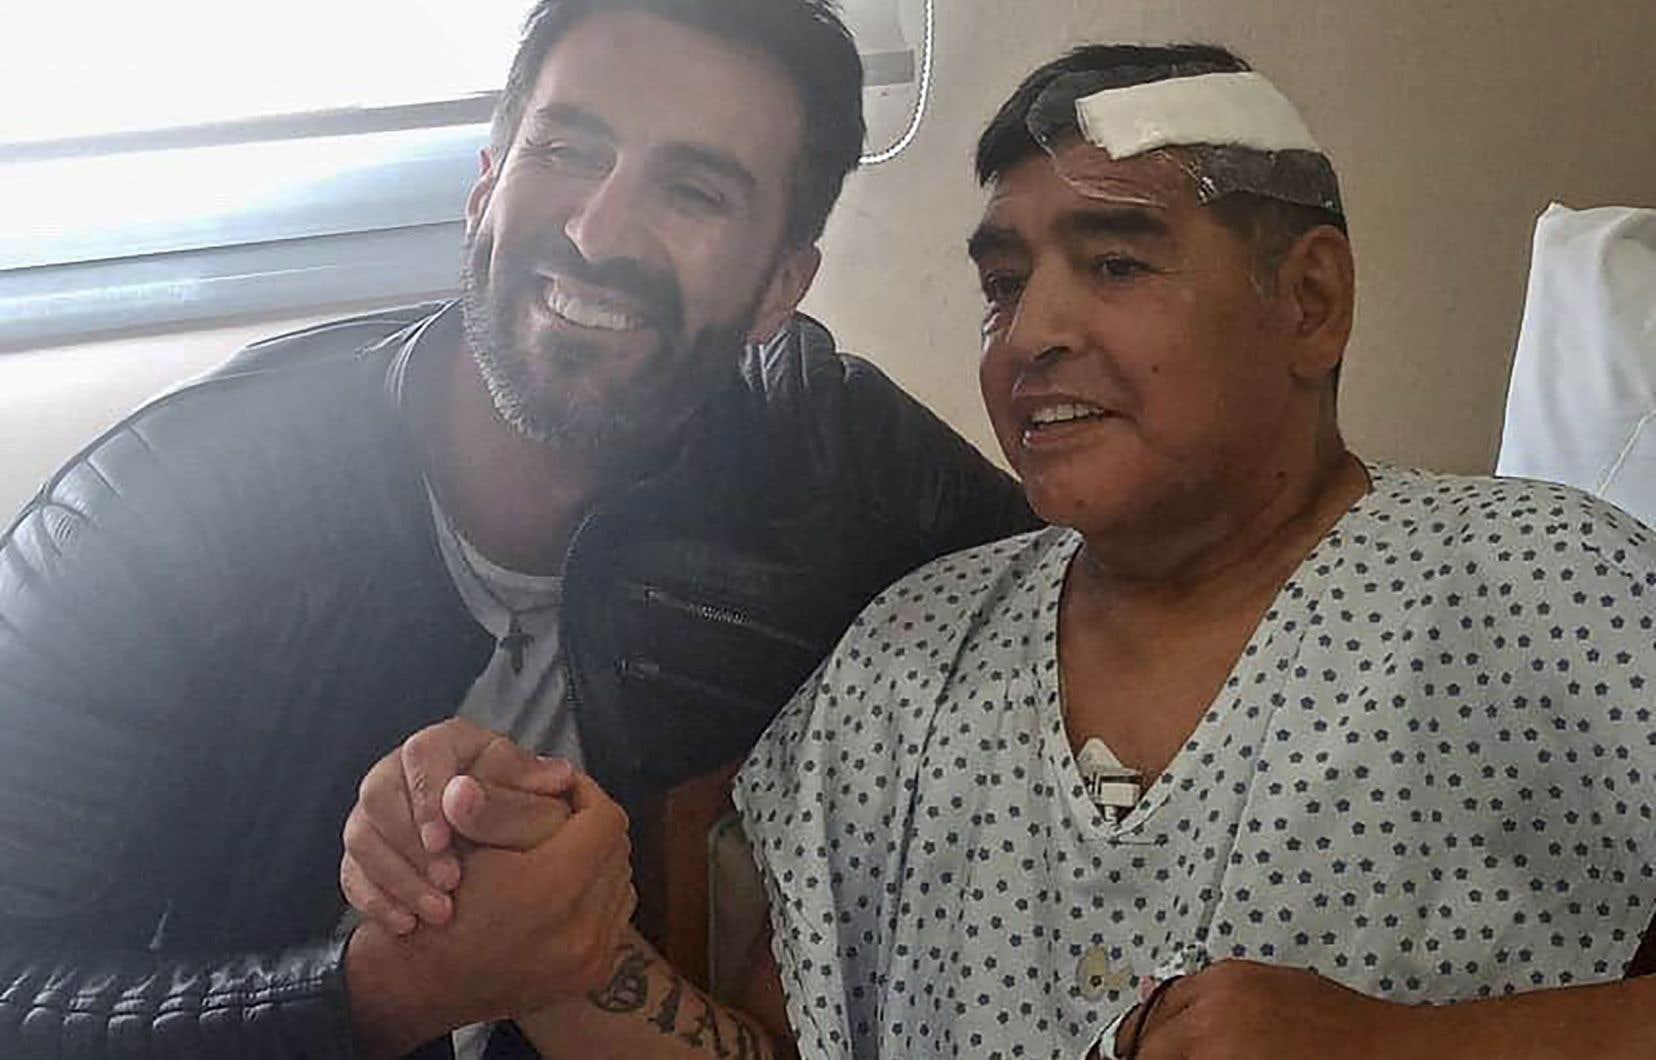 Le DrLeopoldo Luque se considérait comme «un ami» de Diego Maradona et le voyait «comme un père, pas comme un patient».